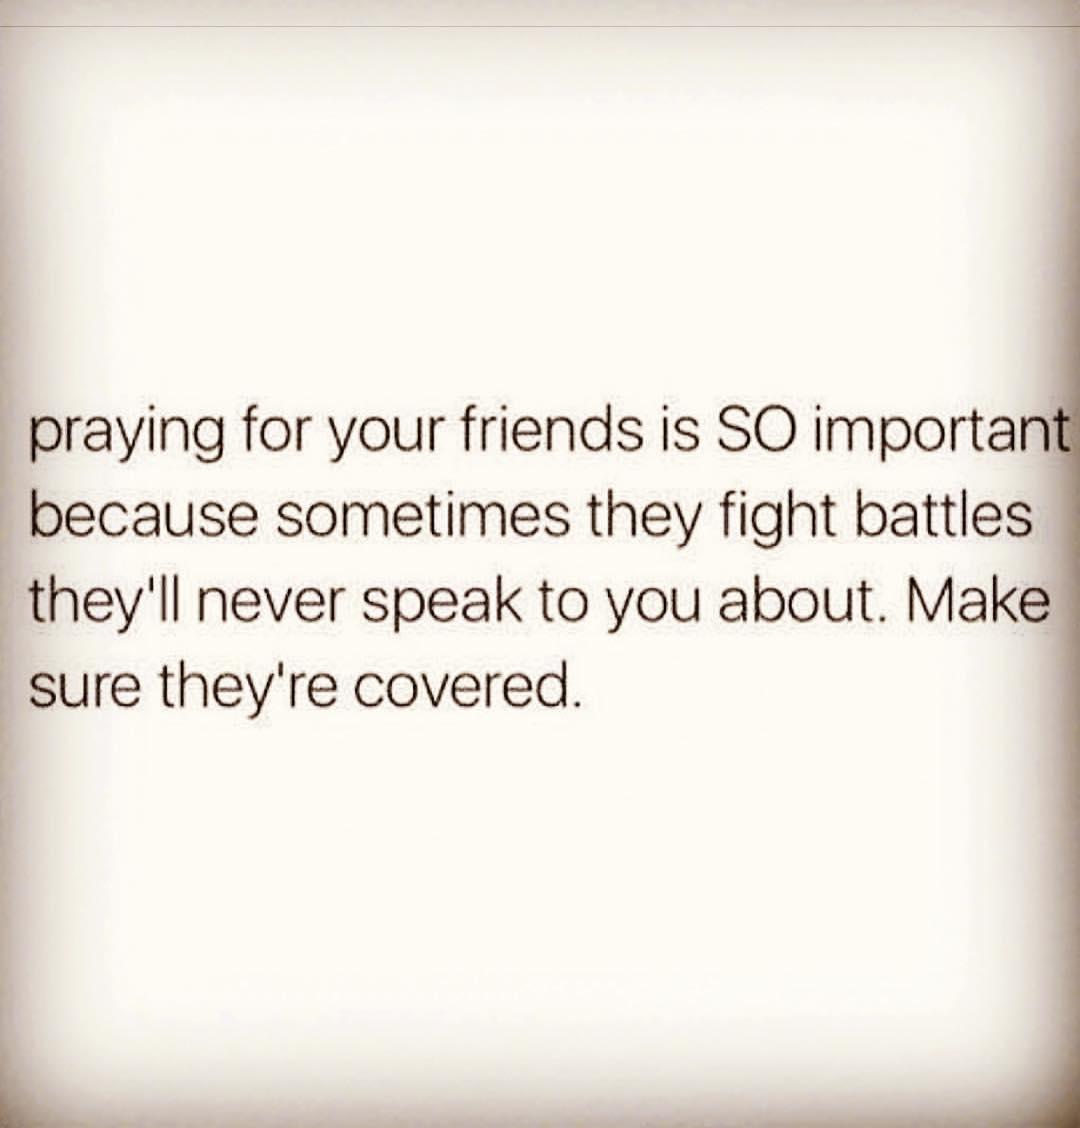 Prayer = Change